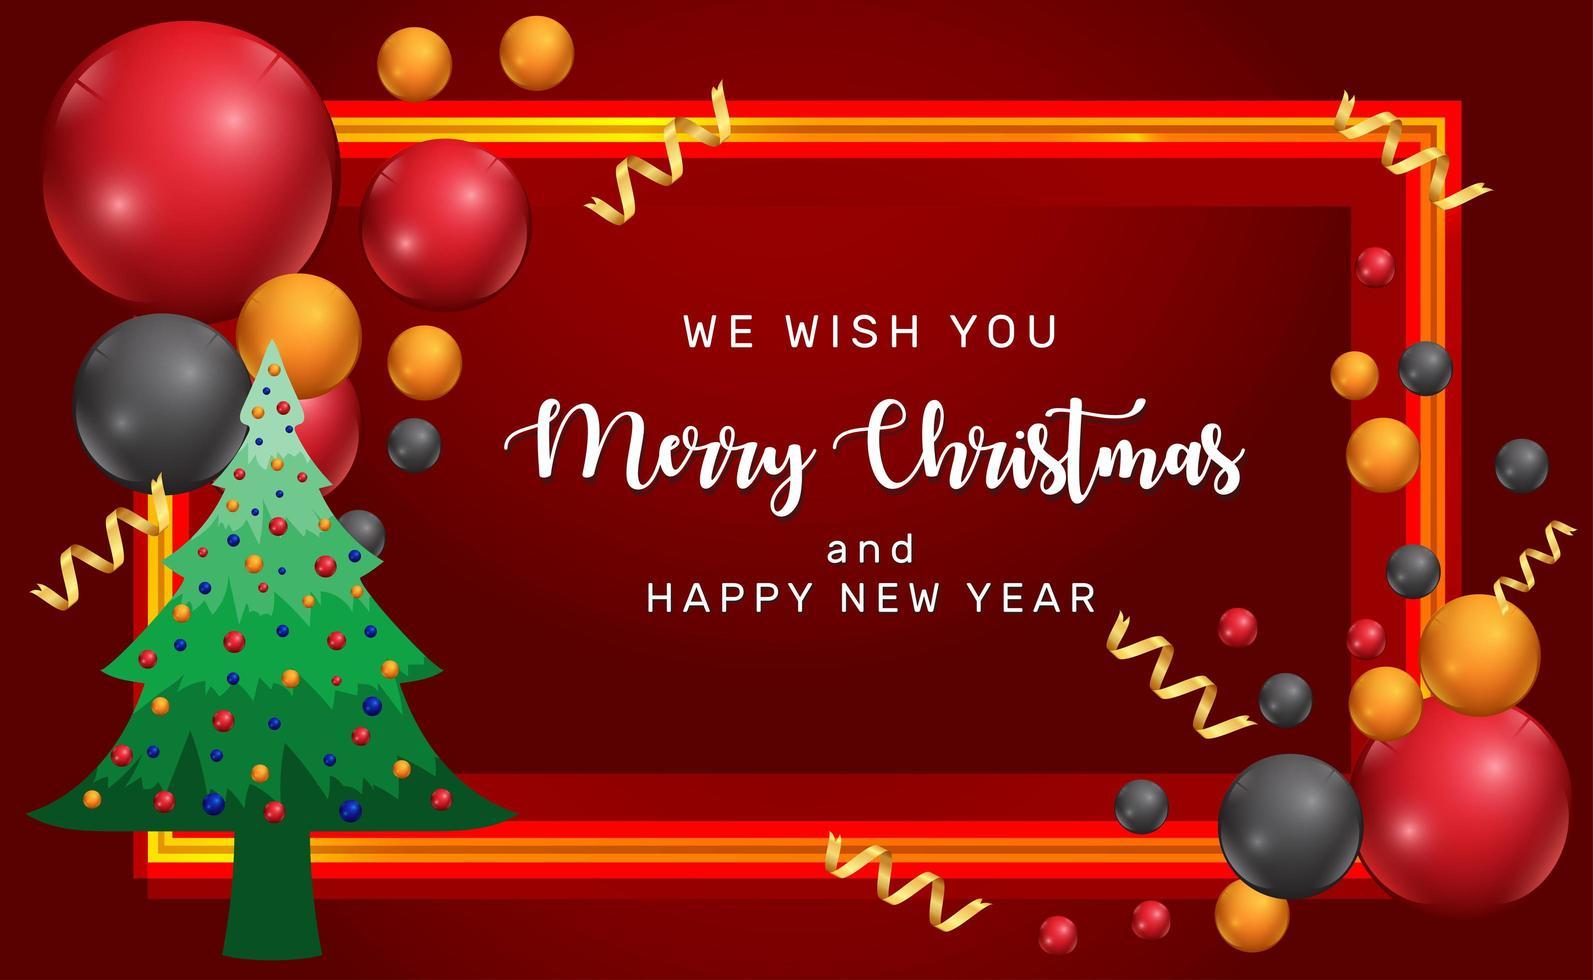 rode kerst- en nieuwjaarskaart met ballonnen vector